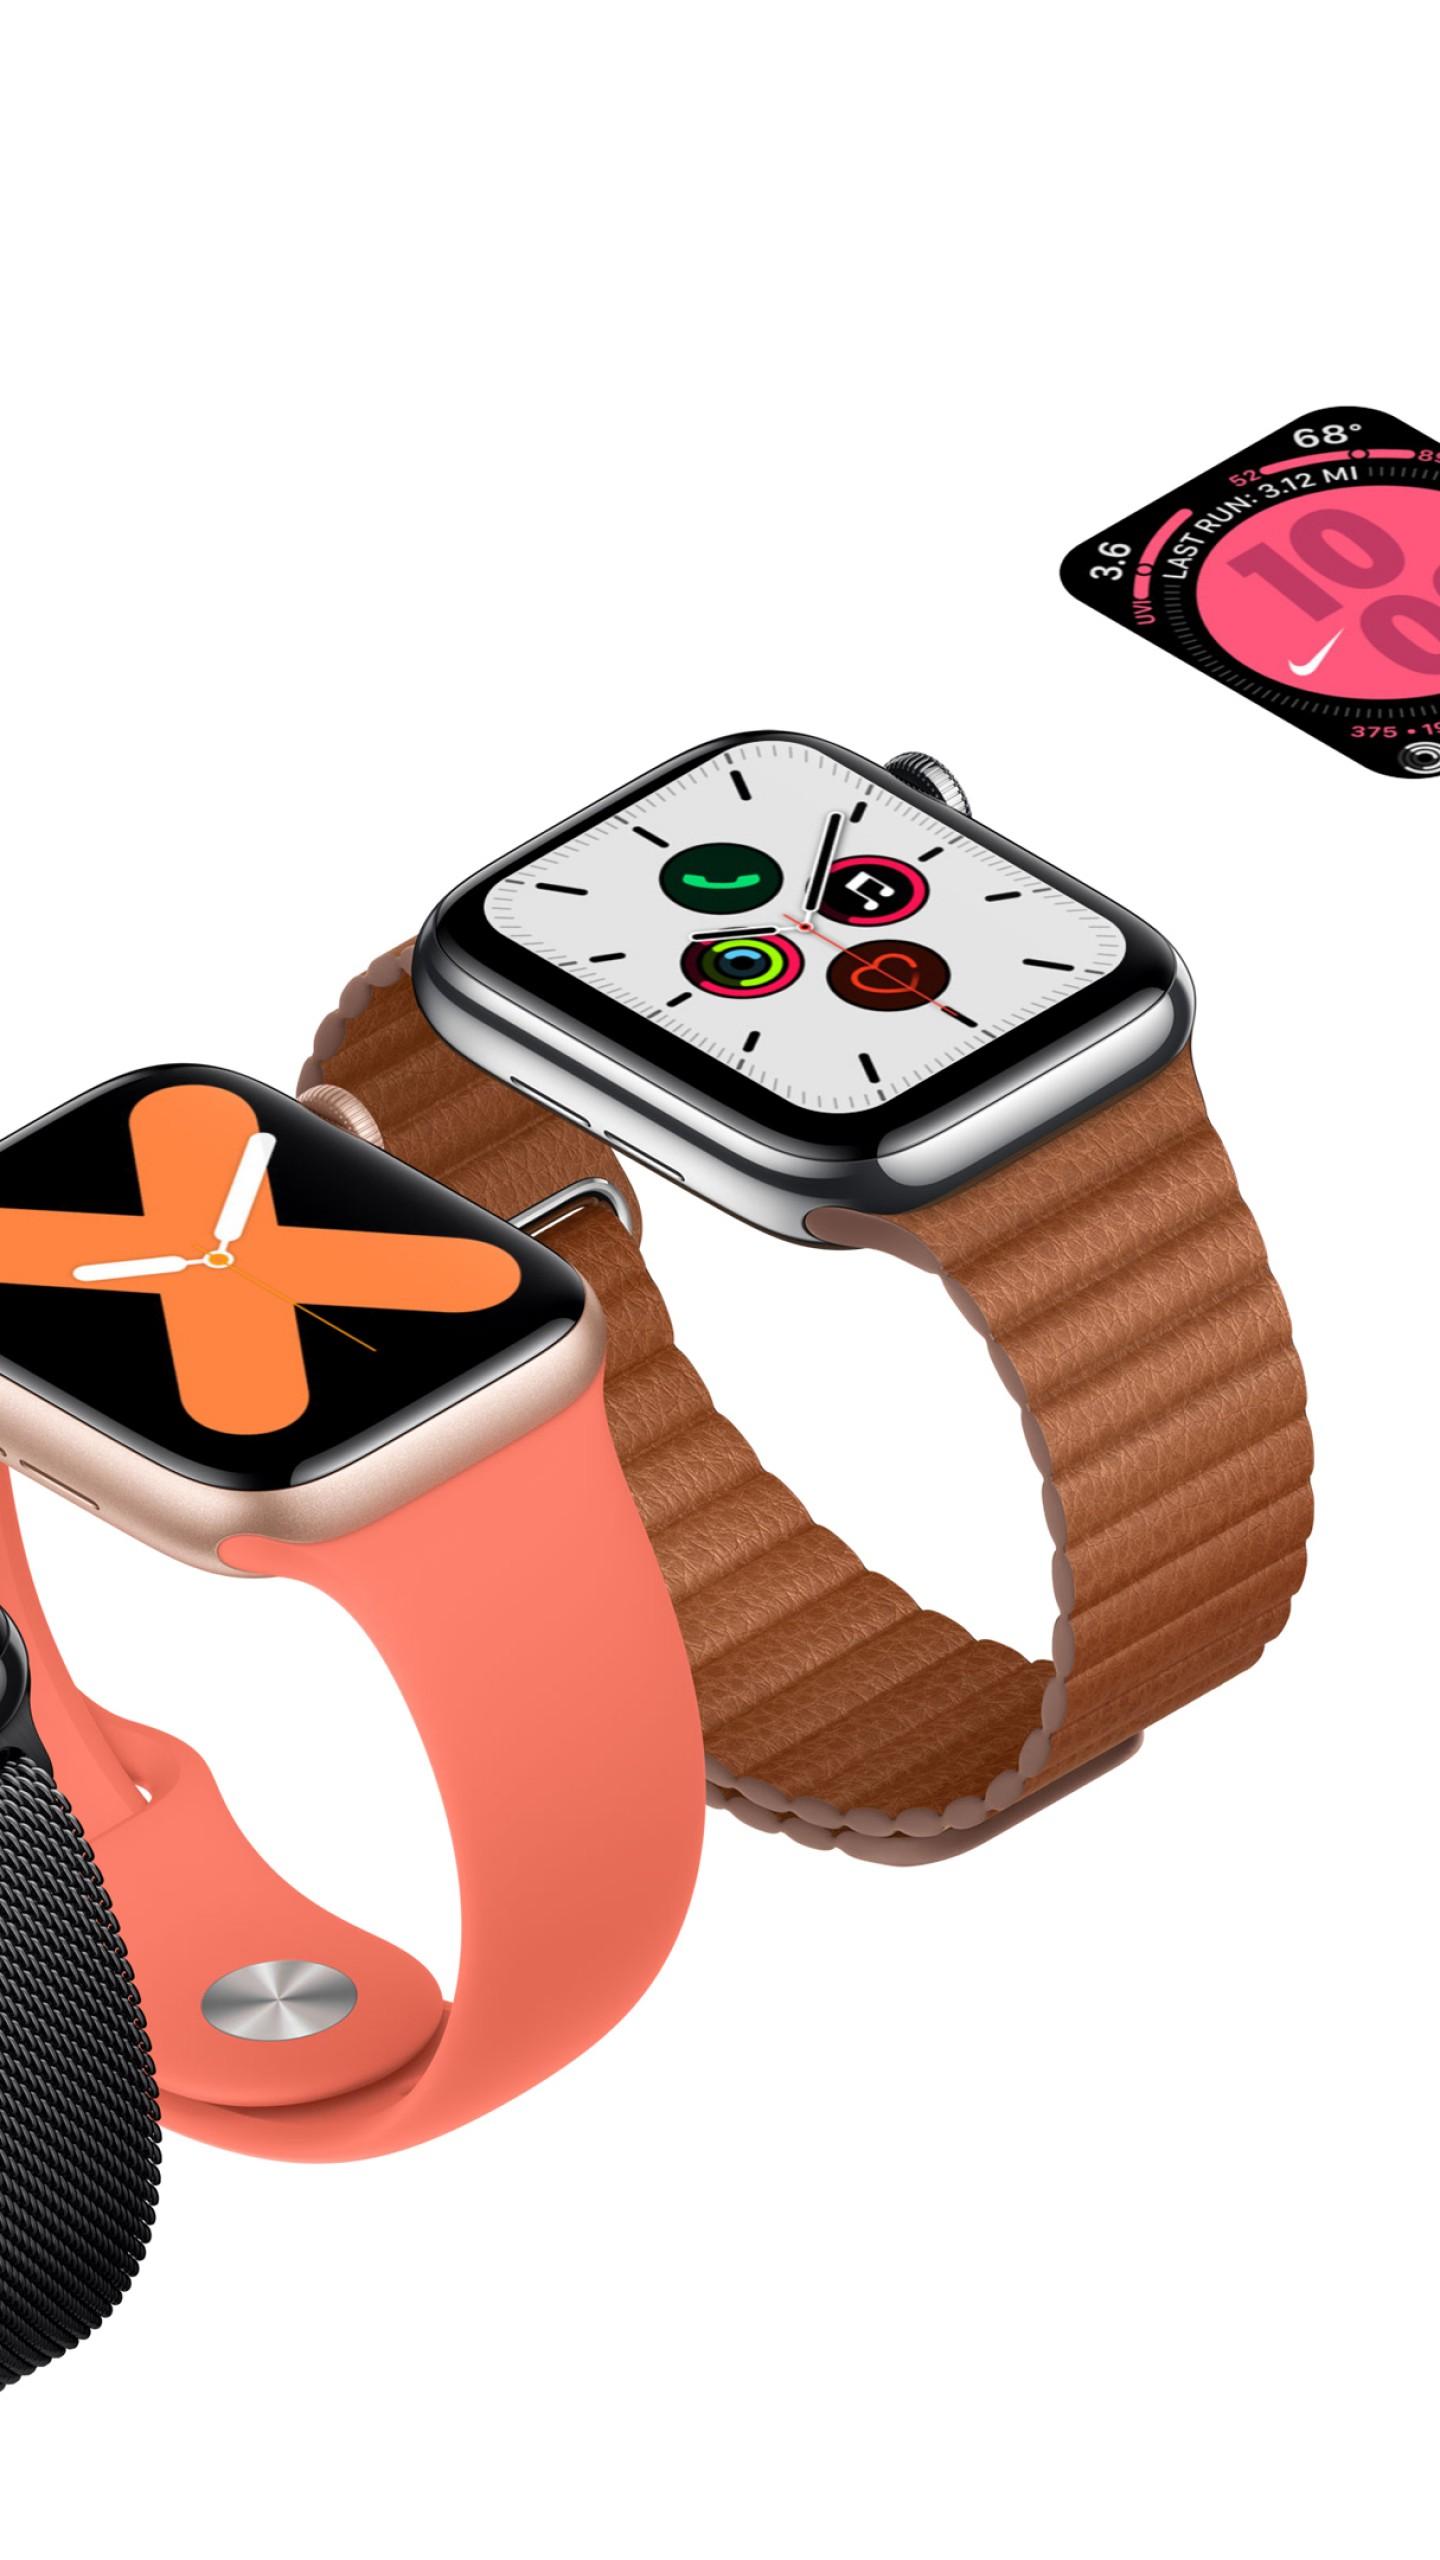 Wallpaper Apple Watch Series 5, Apple September 2019 Event ...